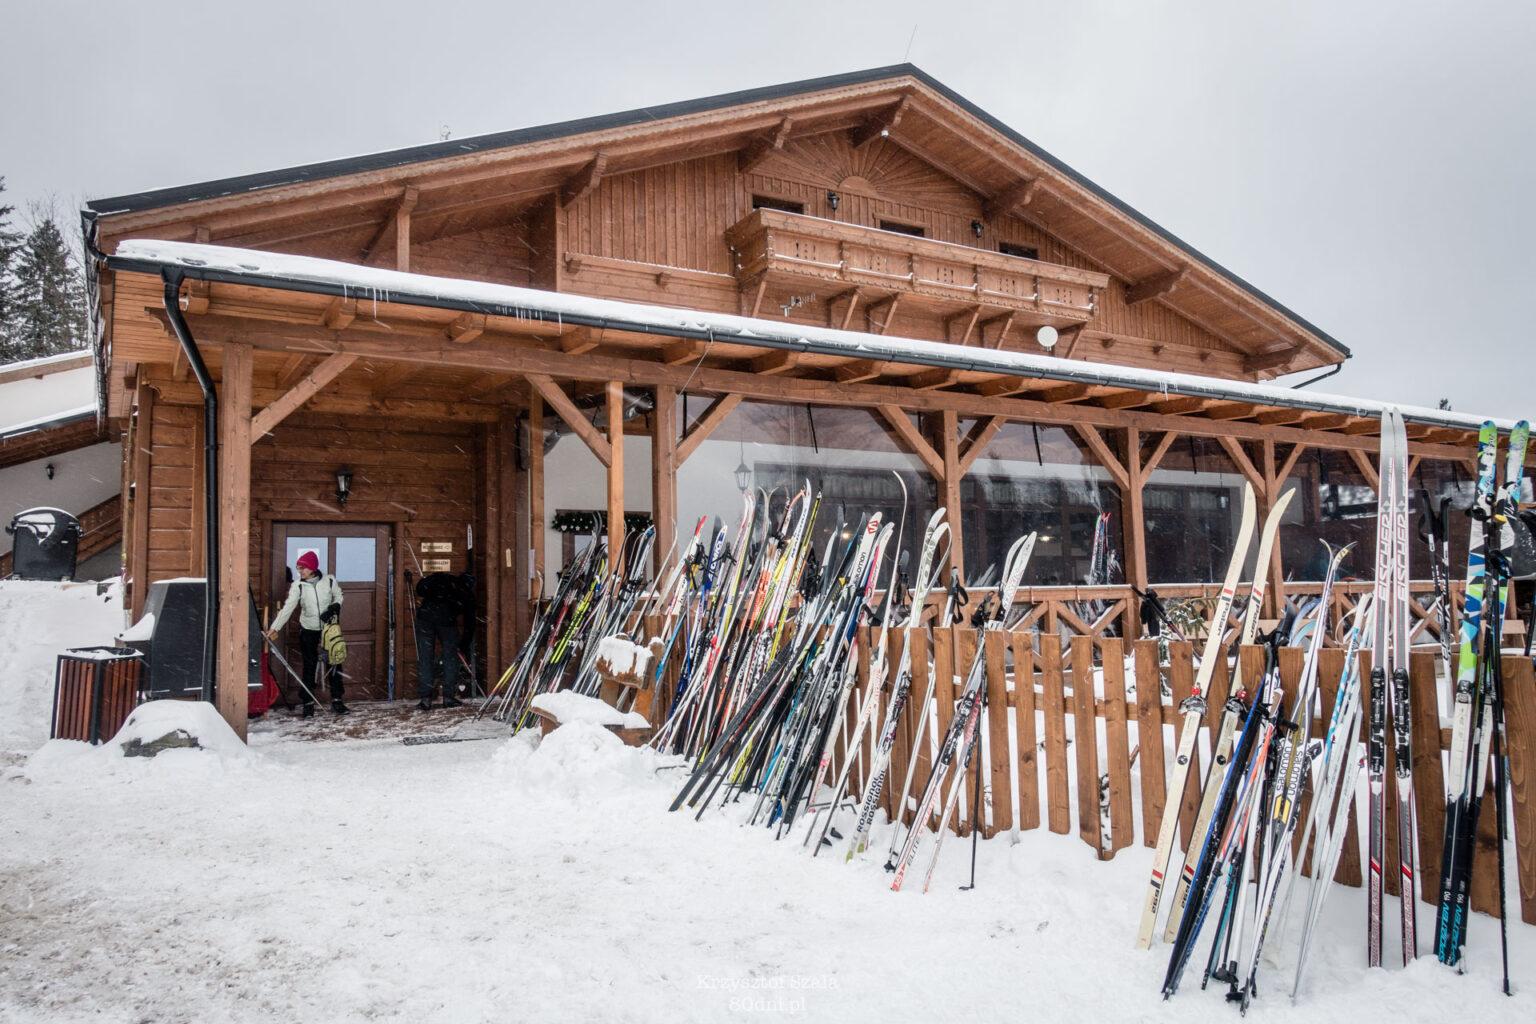 Hotel Martiňák z duża ilością nart biegowych przed wejściem.